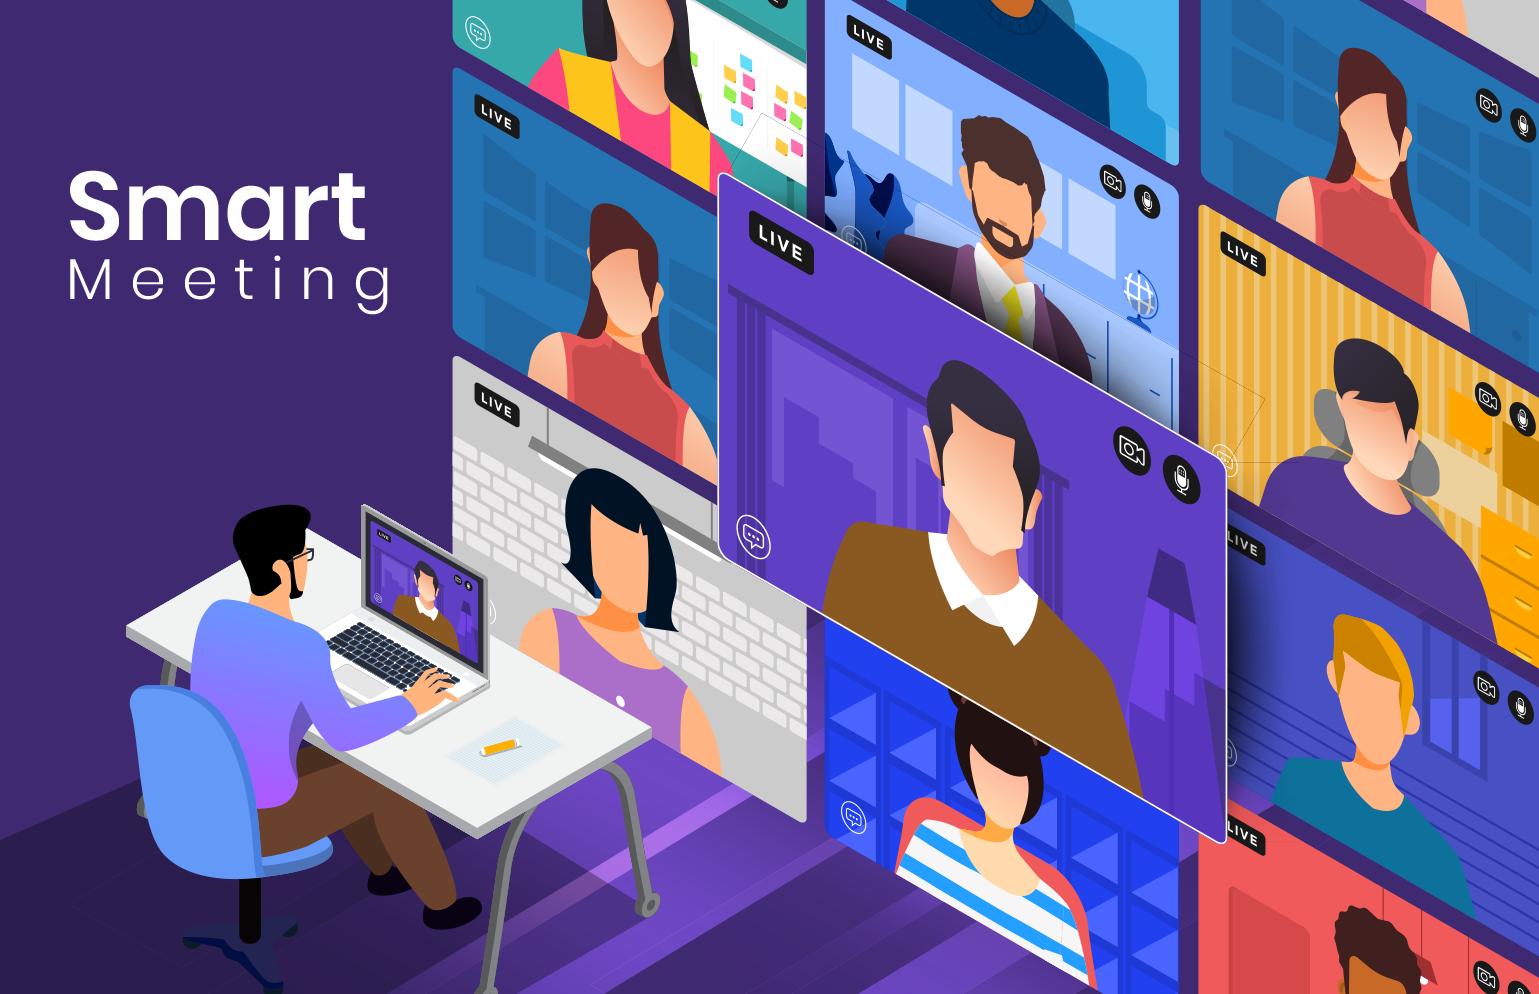 Smart Meeting app